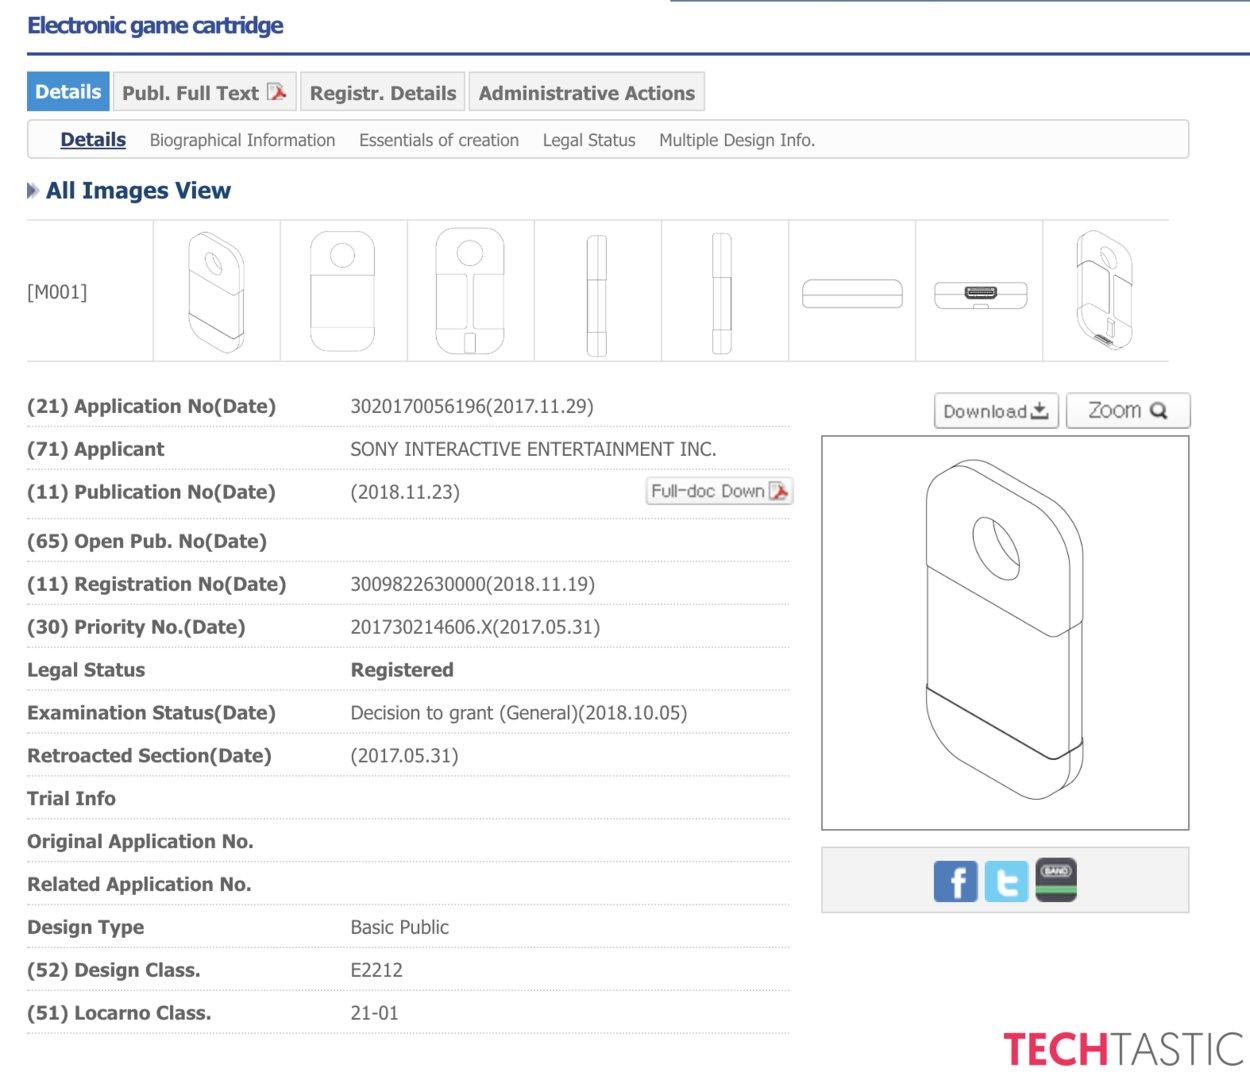 Patentantrag von Sony zu einer neuen Spiele-Cartridge